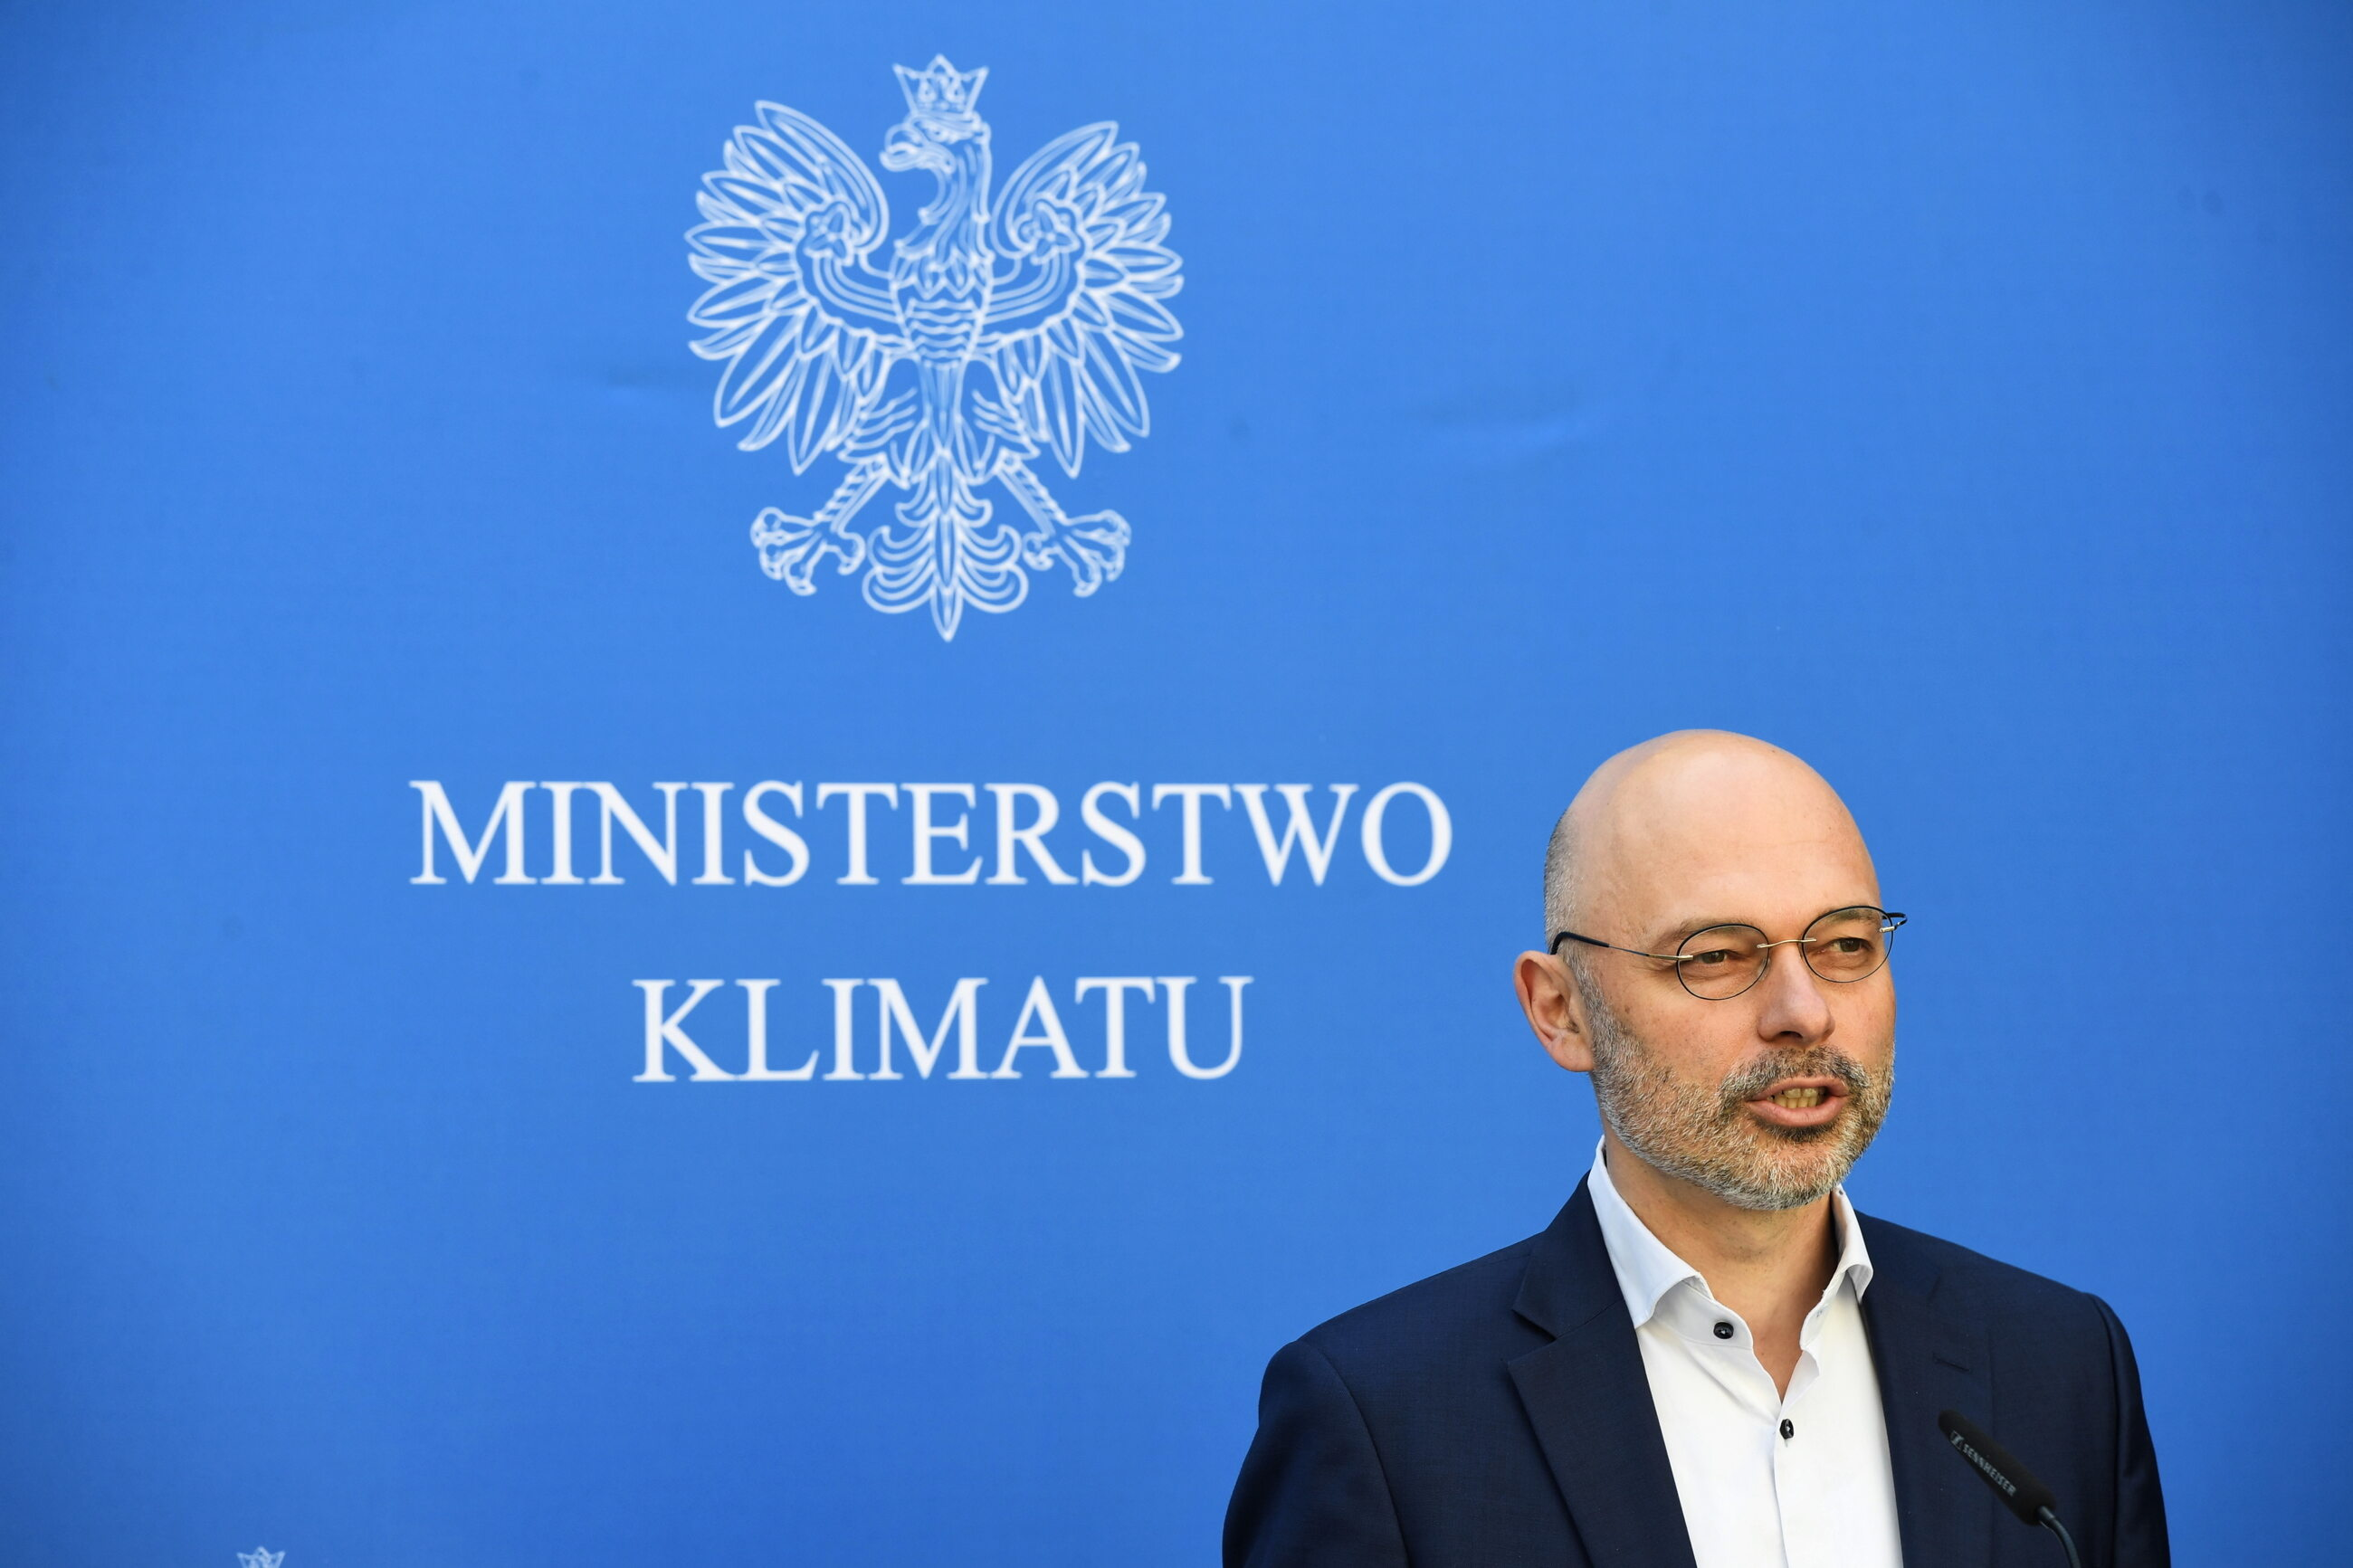 Minister klimatu Michał Kurtyka